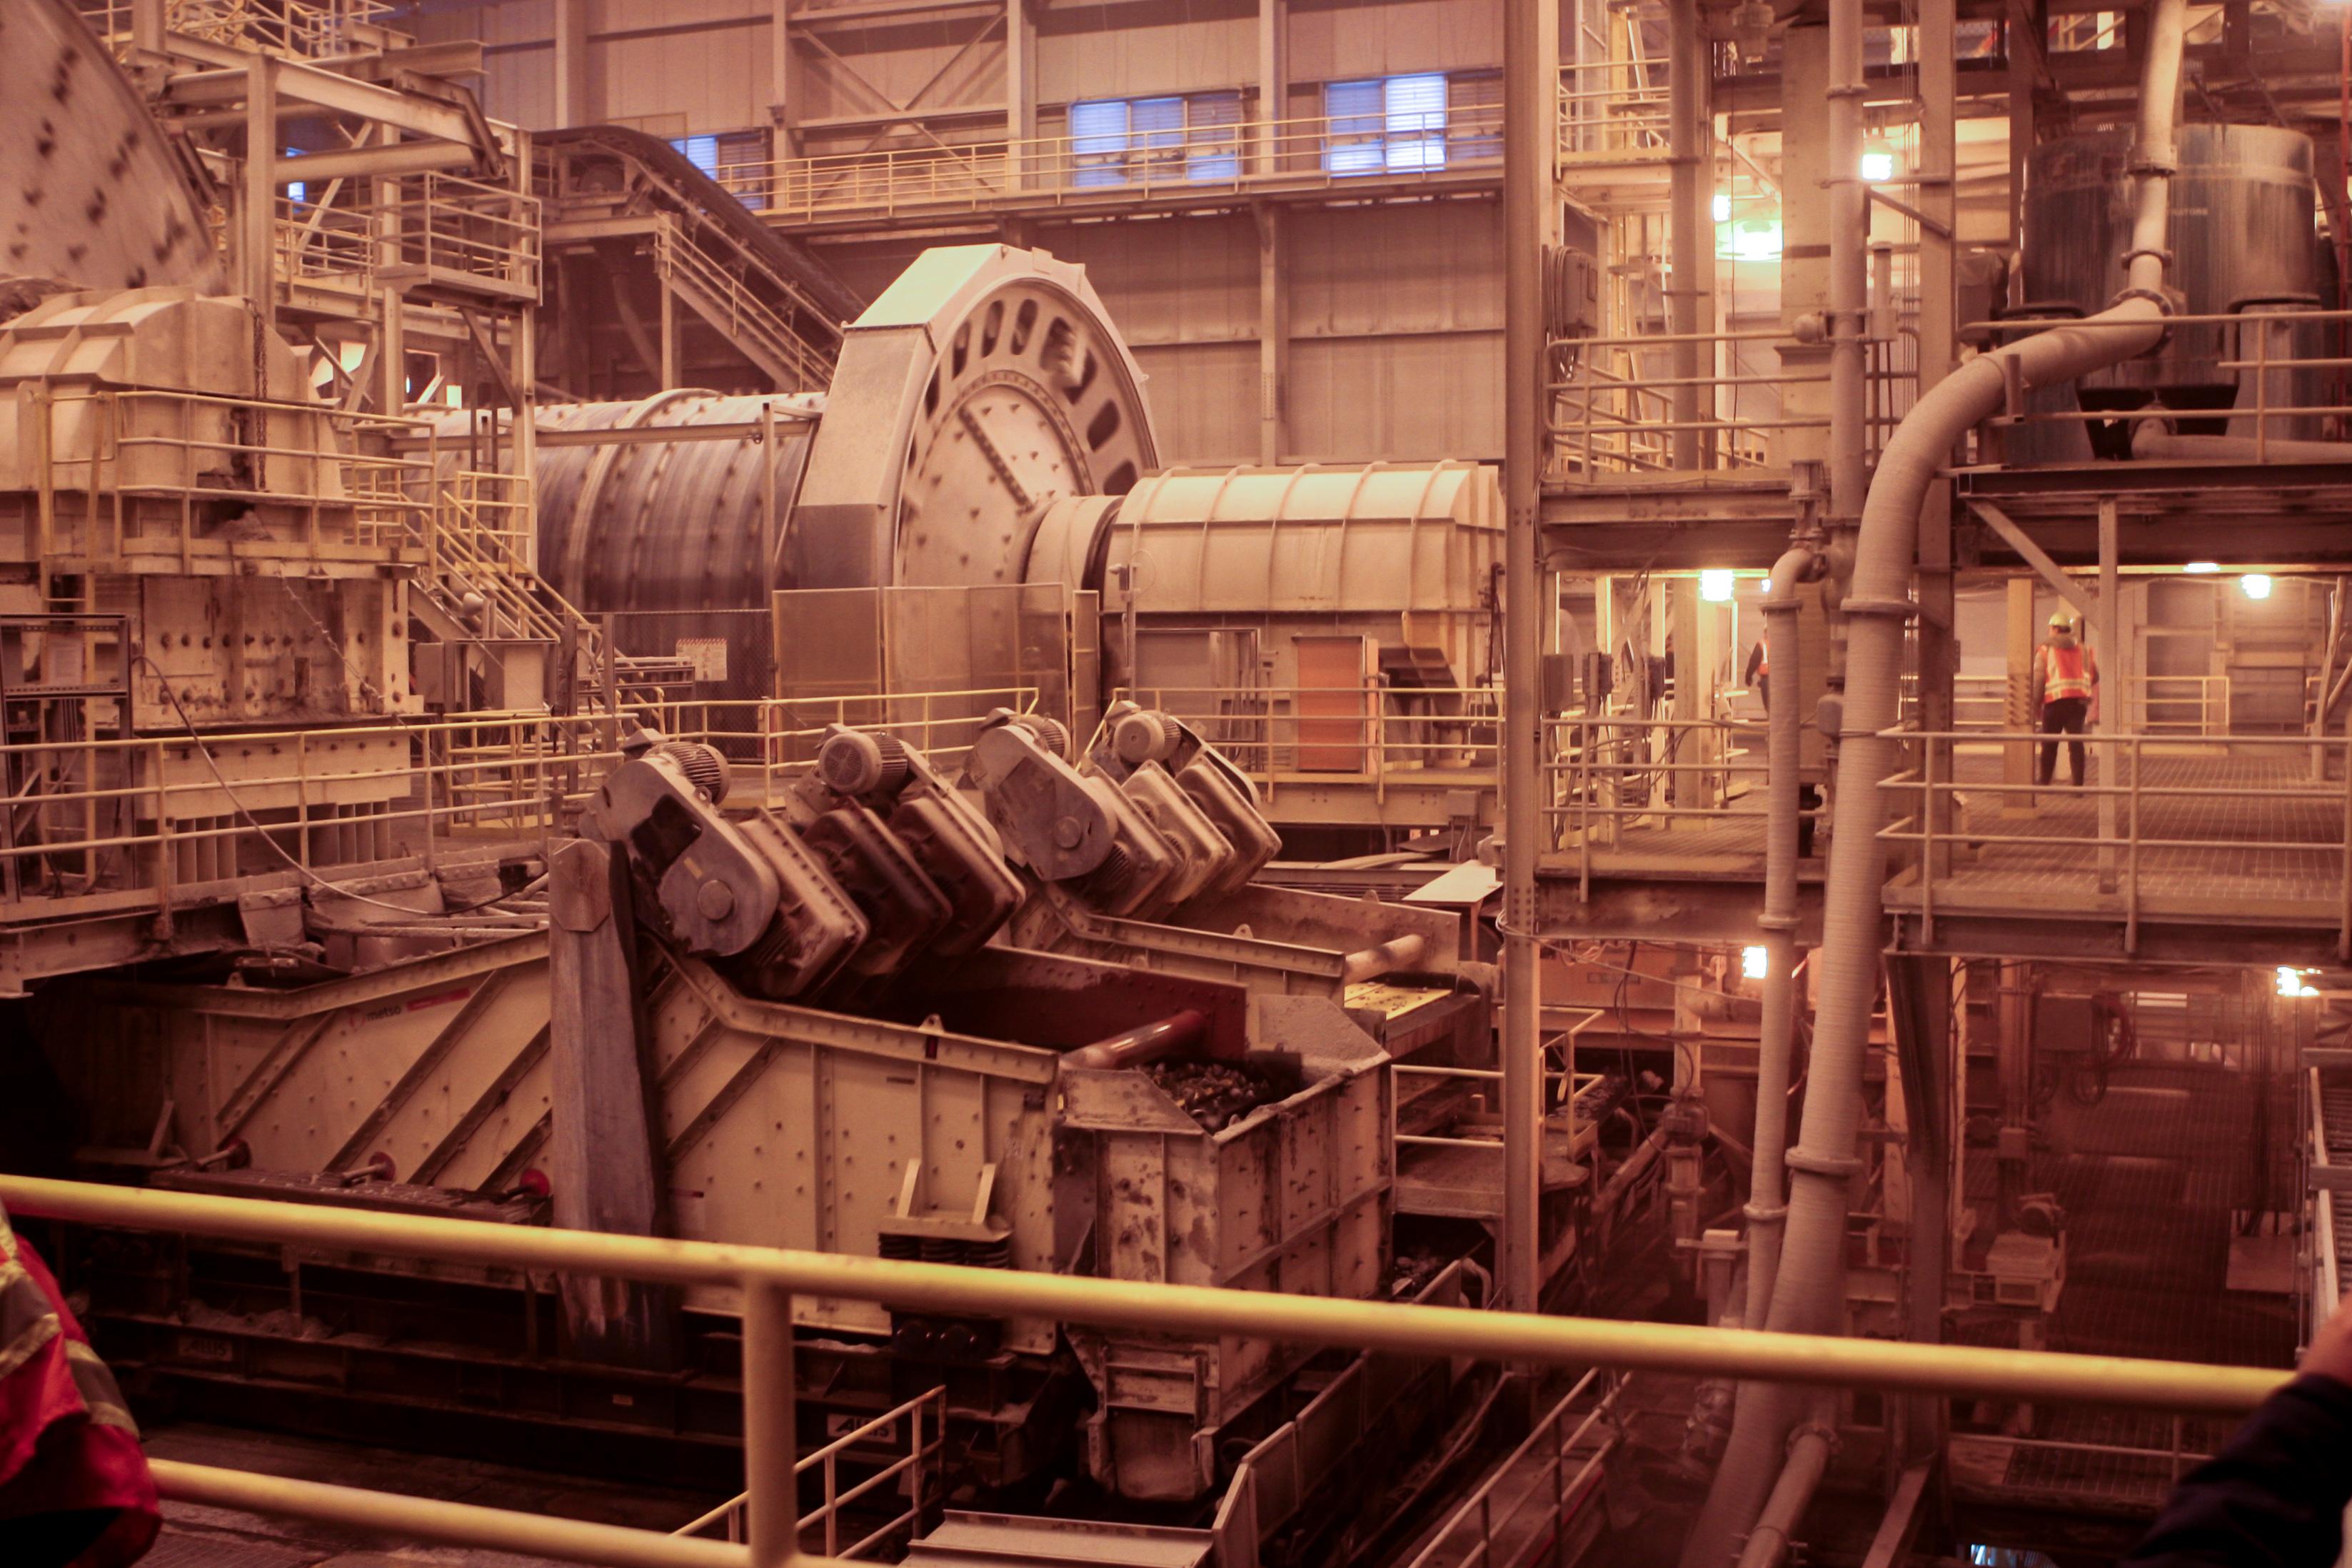 A ball mill